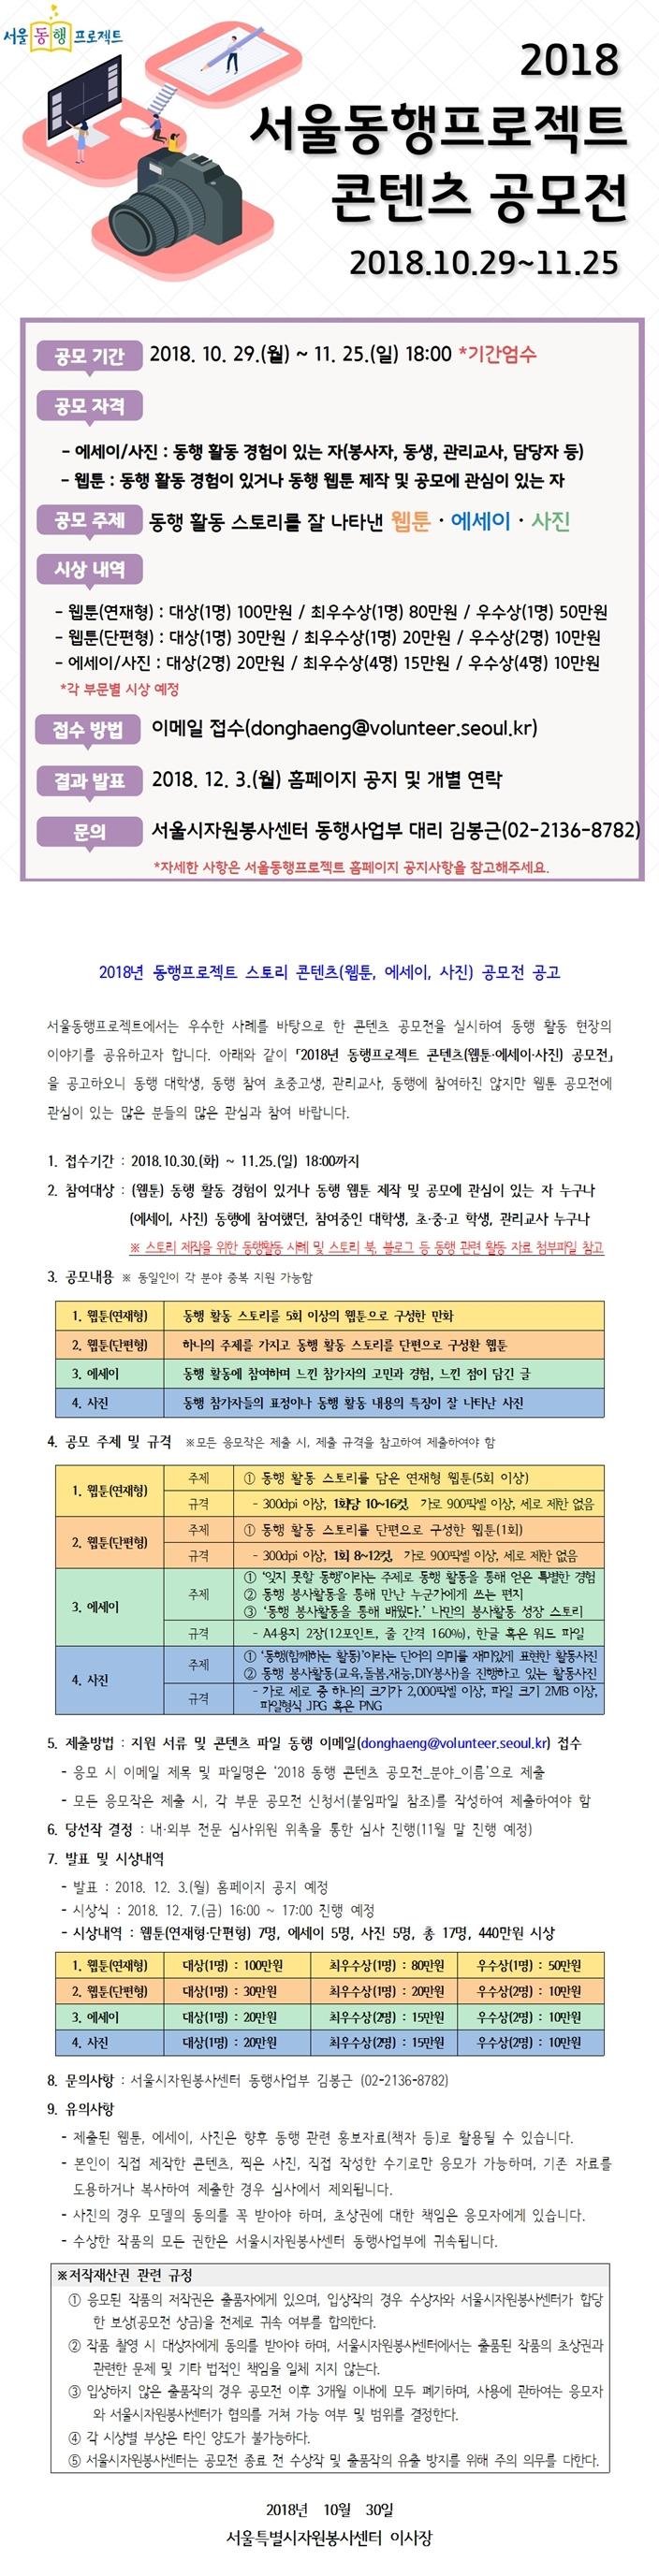 [공모전] 서울동행프로젝트 봉사활동 스토리 콘텐츠(웹툰, 에세이, 사진) 공모전 안내